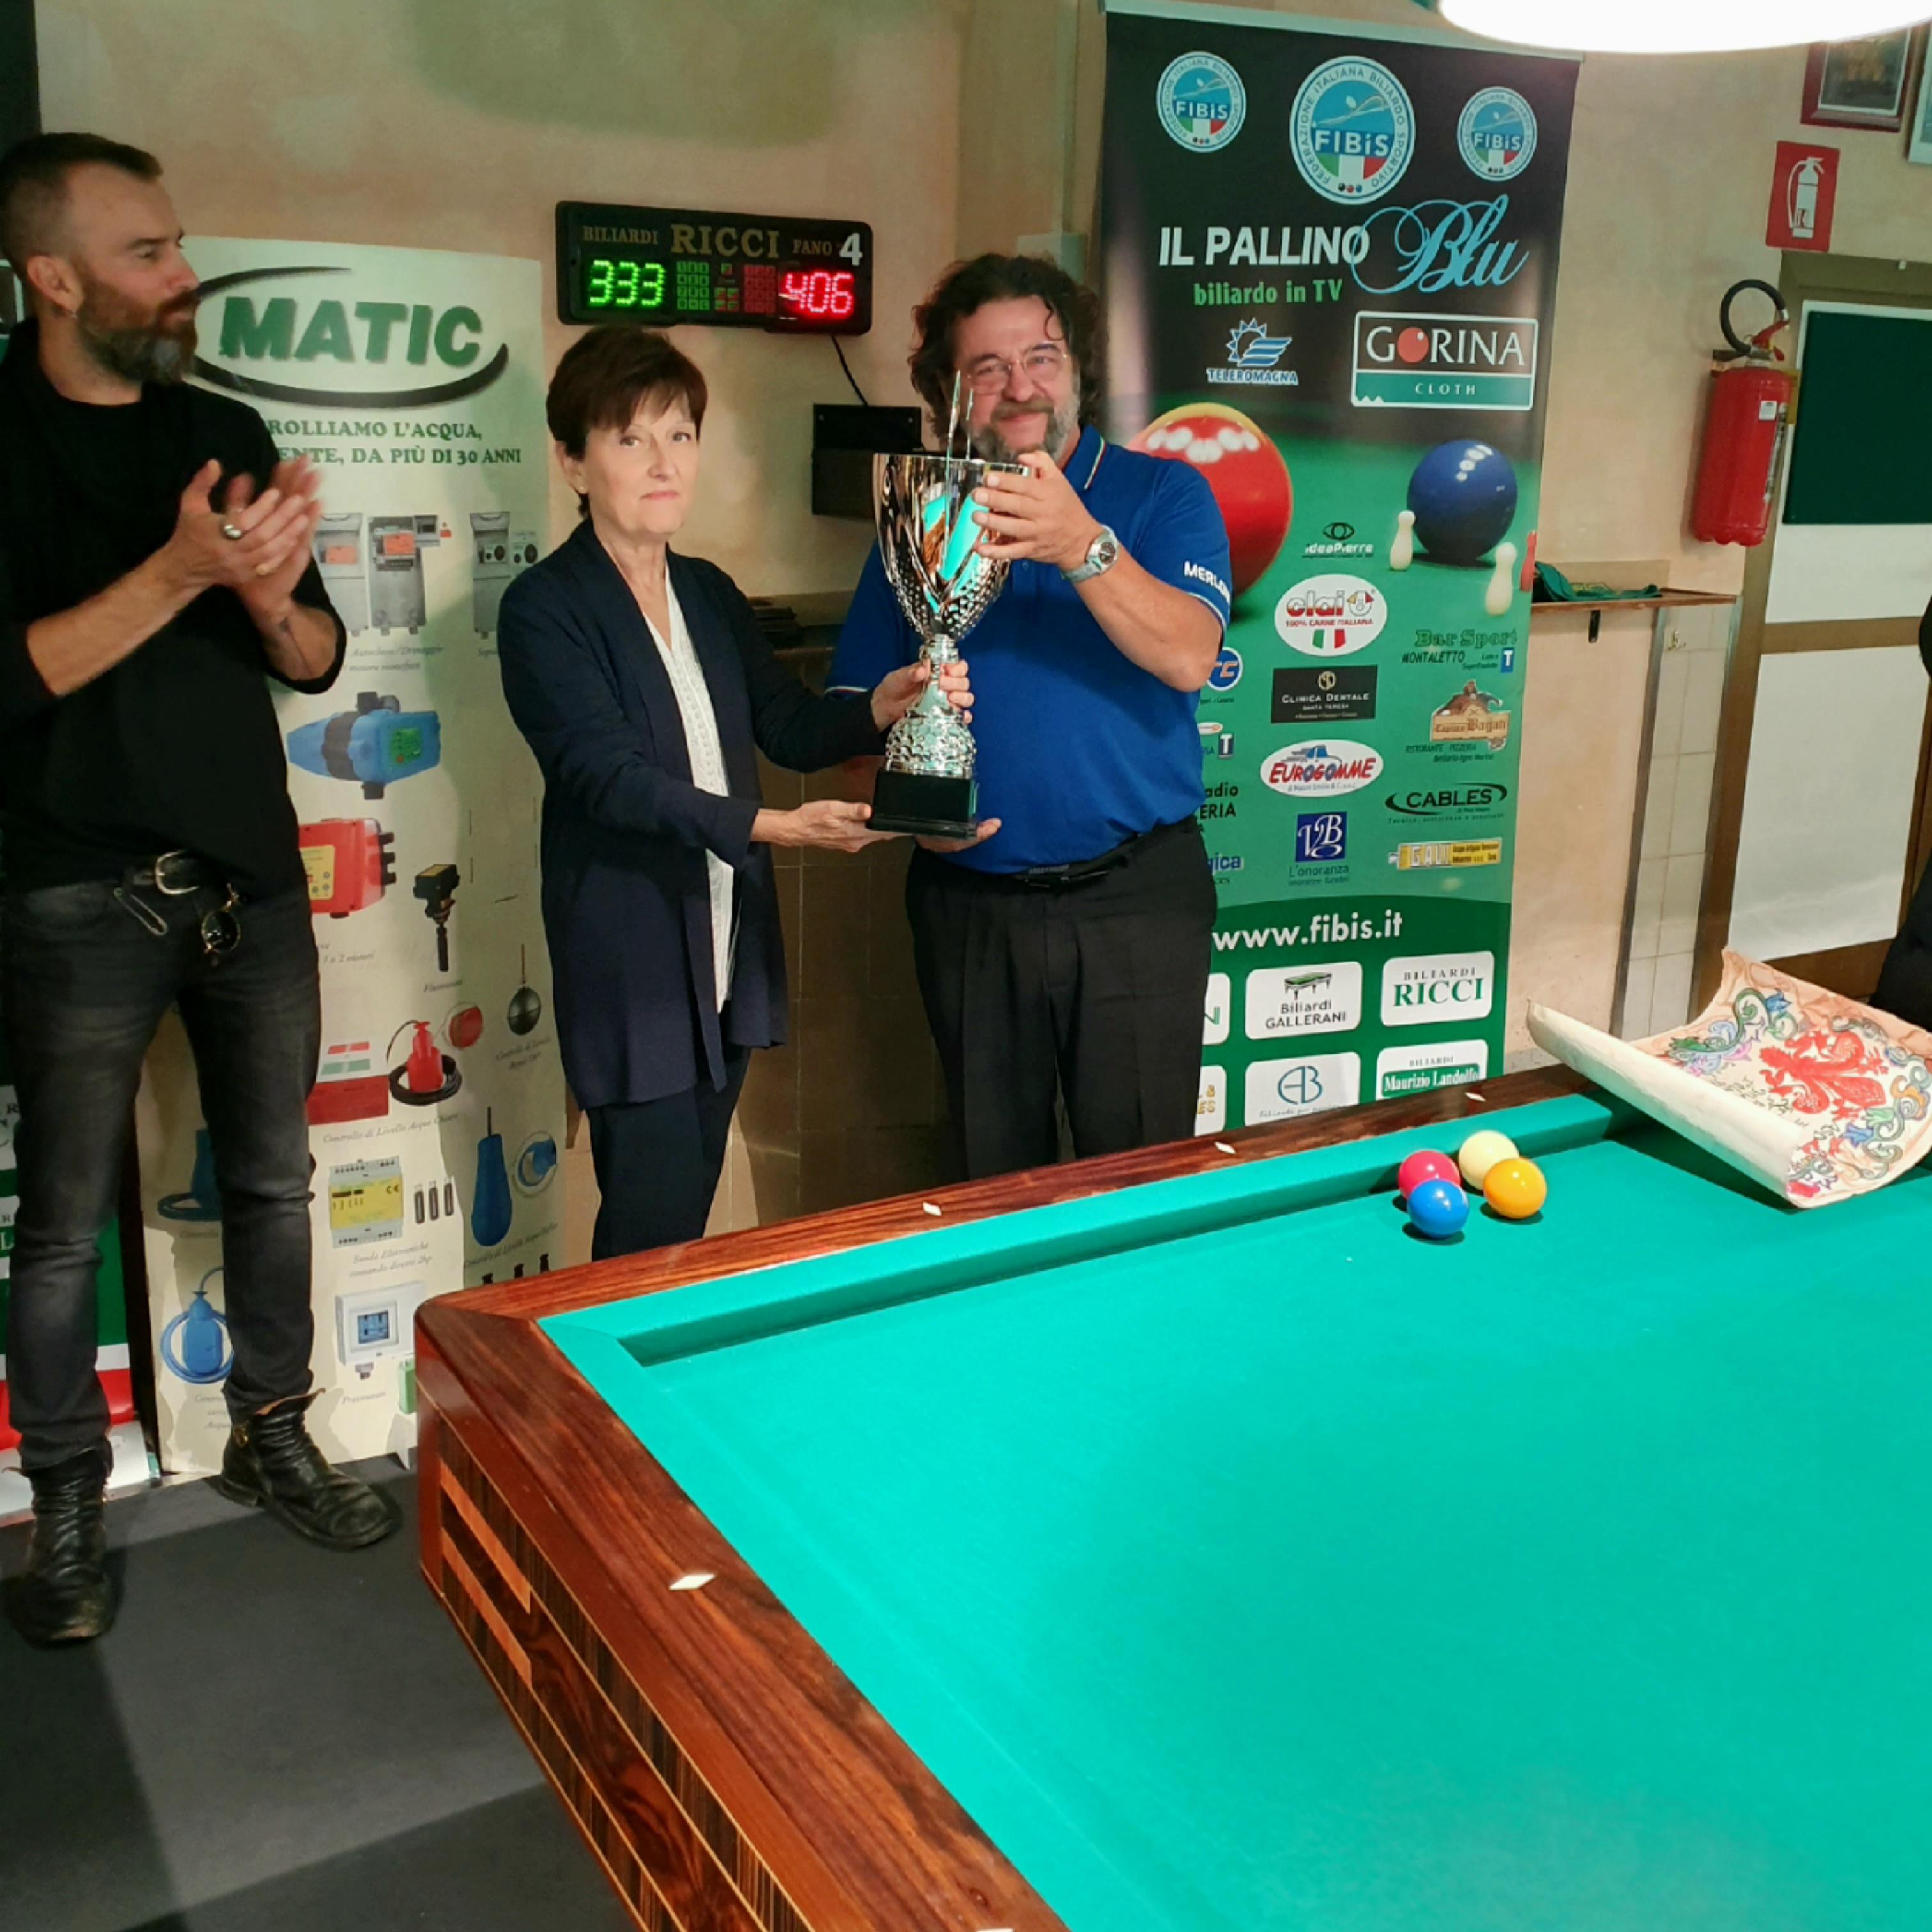 La moglie di Falchetti T. consegna la coppa al vincitore Merloni M.